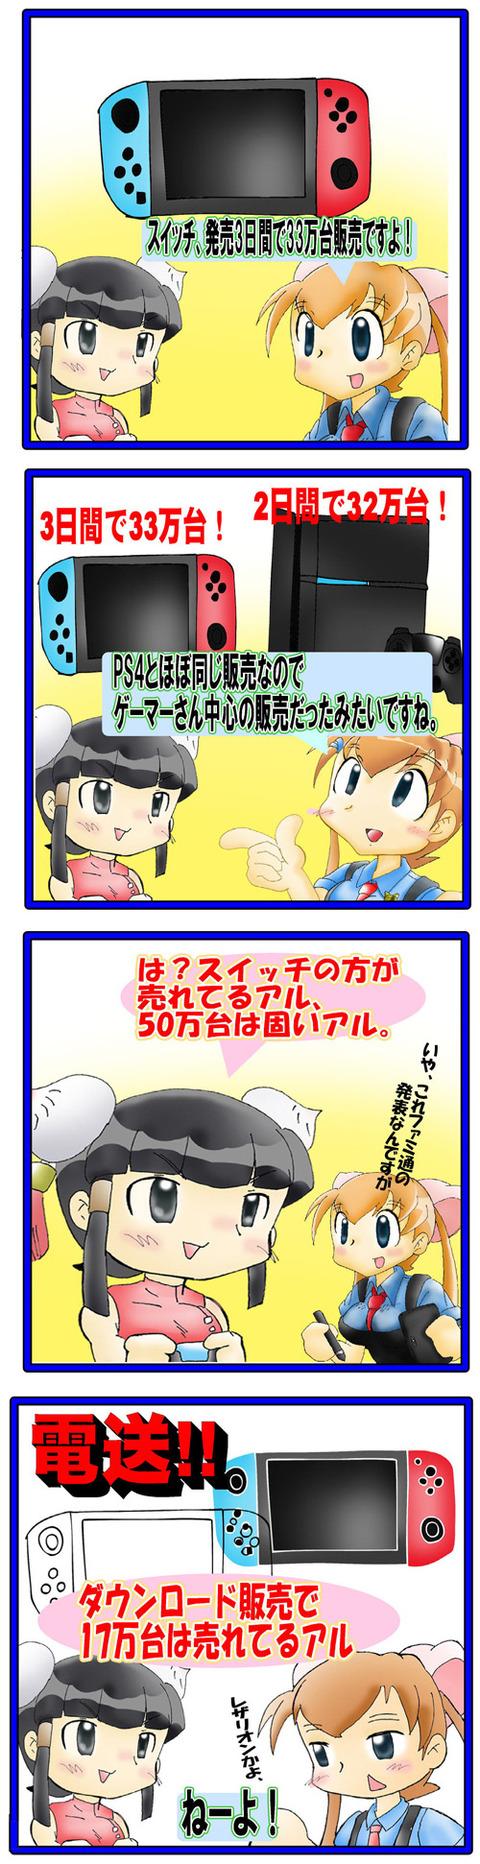 あおりちゃん23